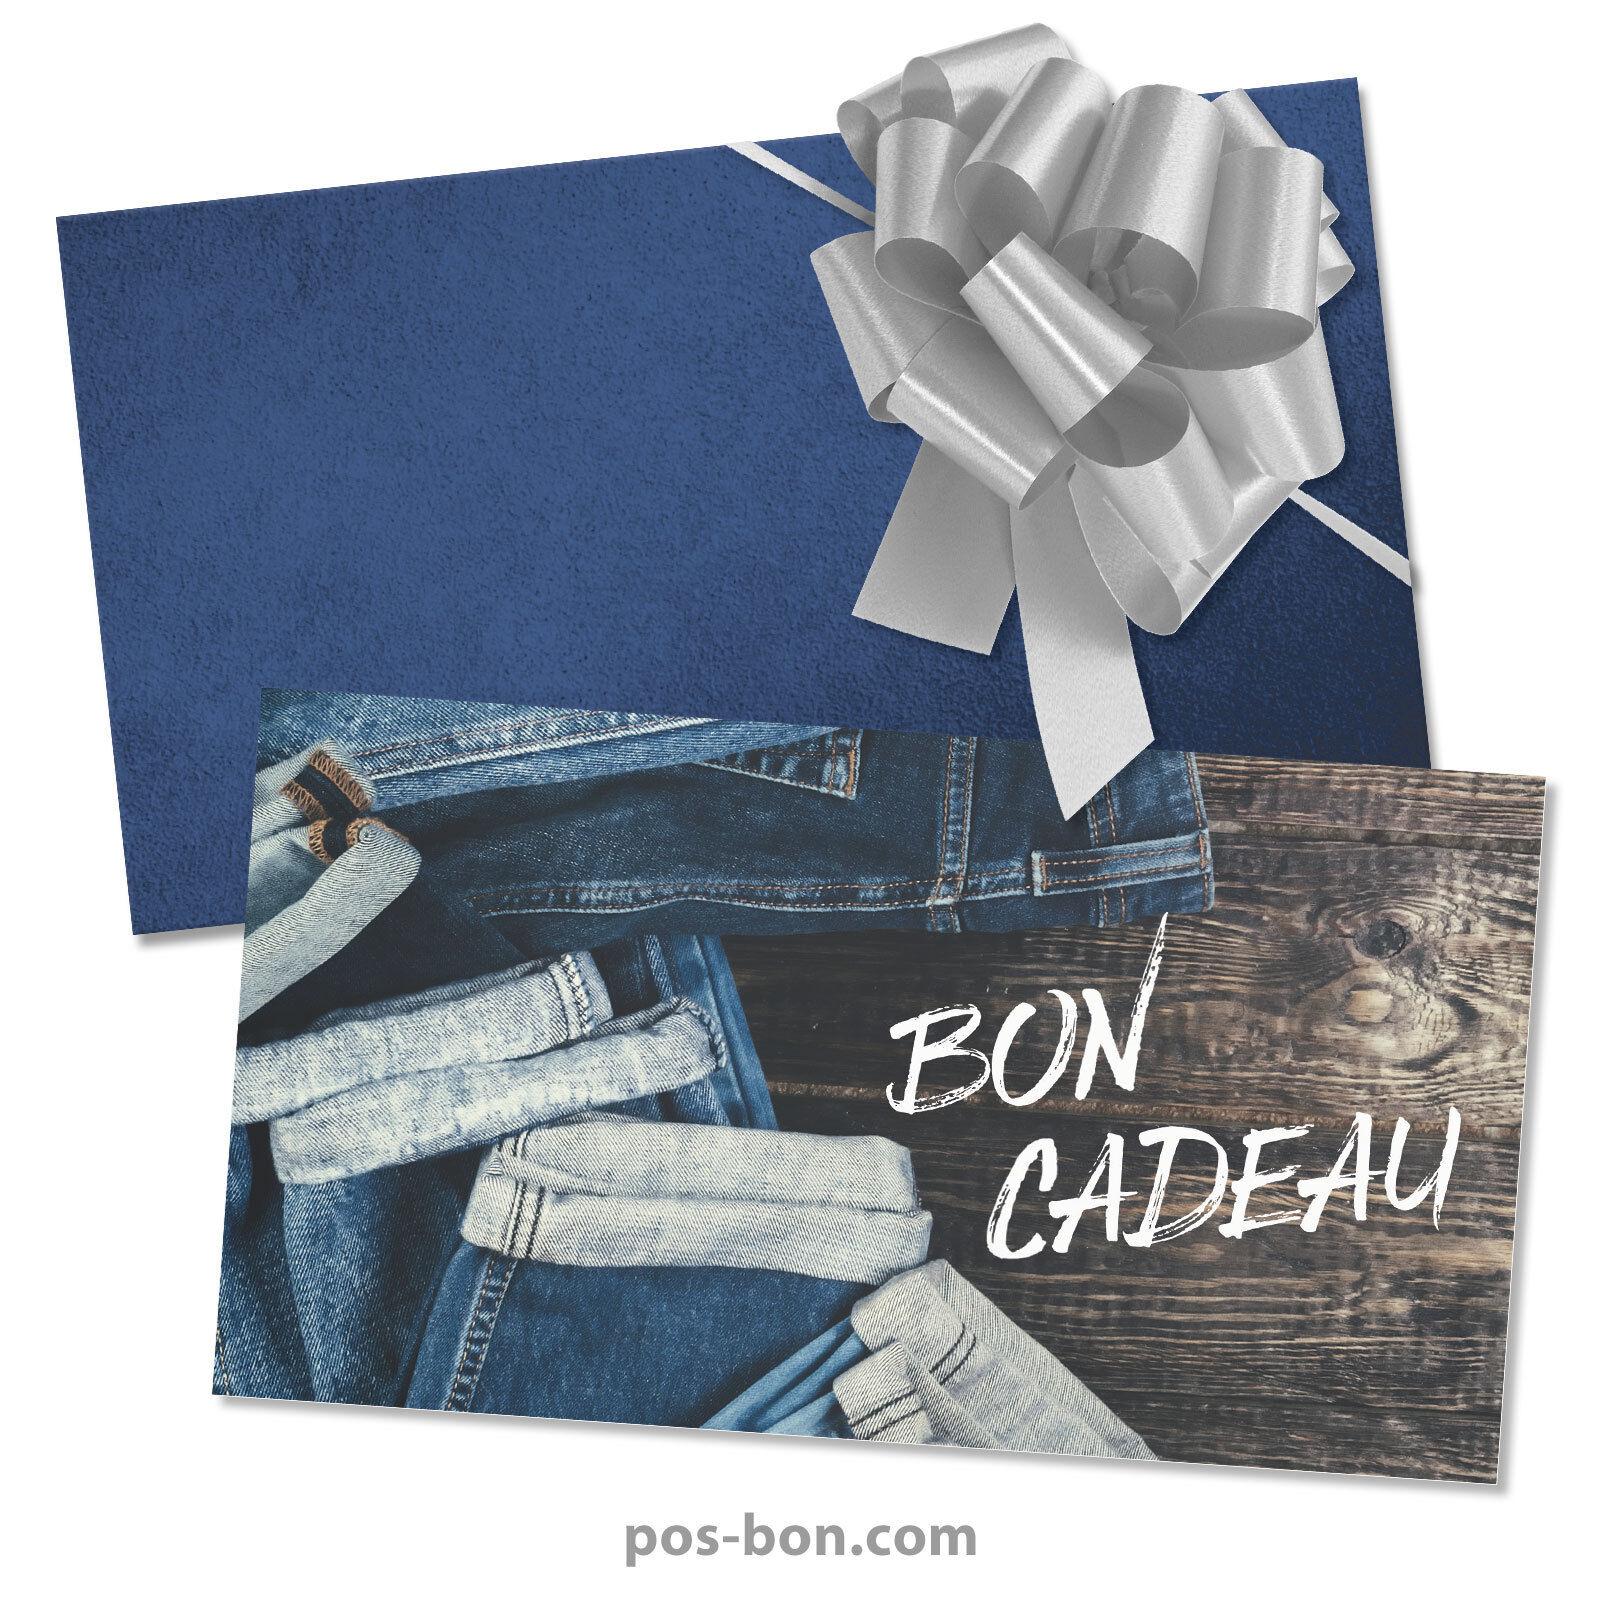 Bons cadeaux + enveloppes + nœuds rub. pour boutiques de mode, jeans FA1263F